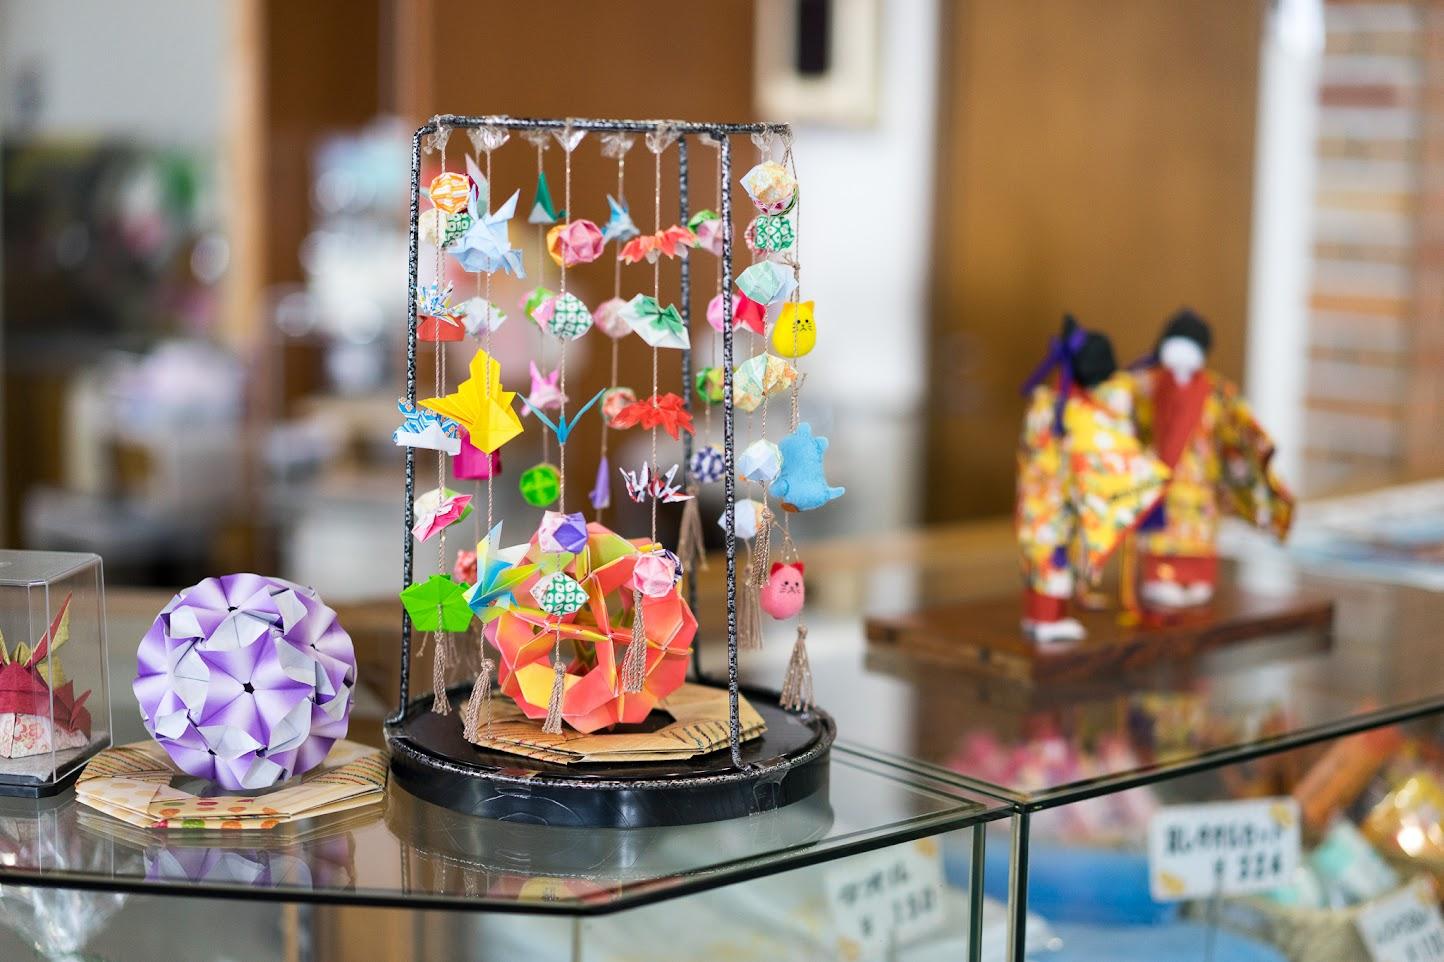 北竜温泉のフロントを飾る手工芸品